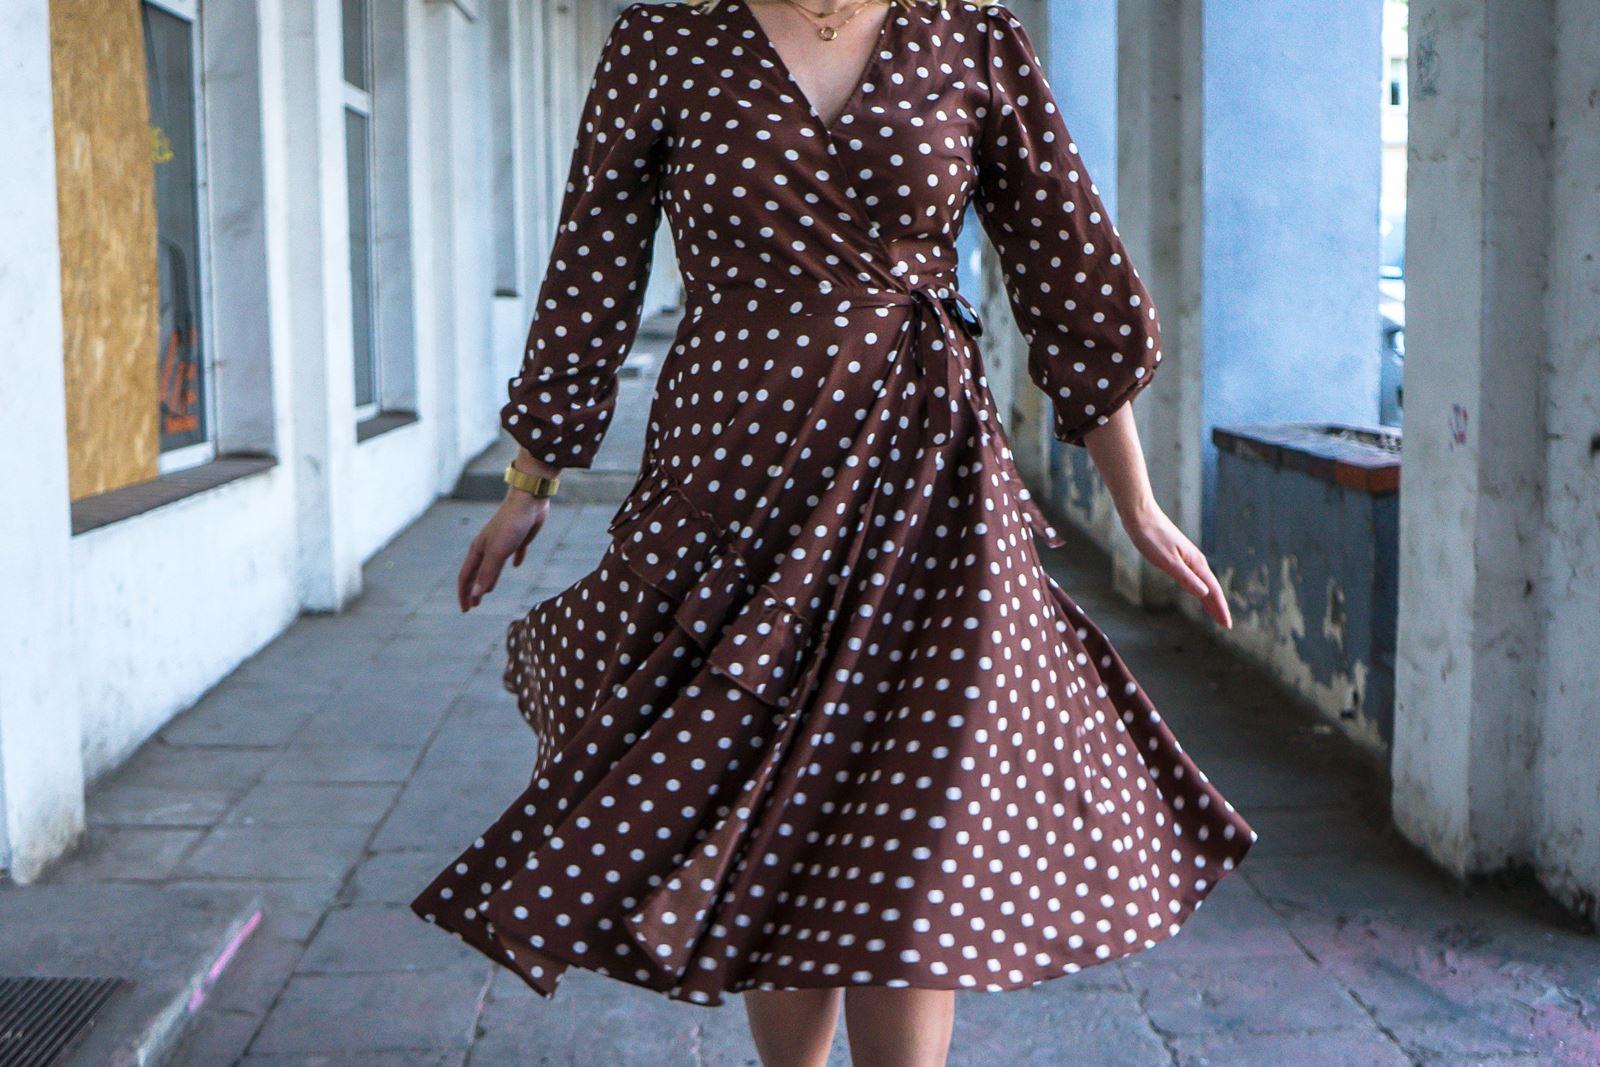 1 modny kombinezon sukienka w groszki jak nosić w grochy sukienki idealne ubranie na wesele w co ubrać się na wesele w lato na poprawiny na-kd opinie modne stylizacje na lato sukienki dla blondynki